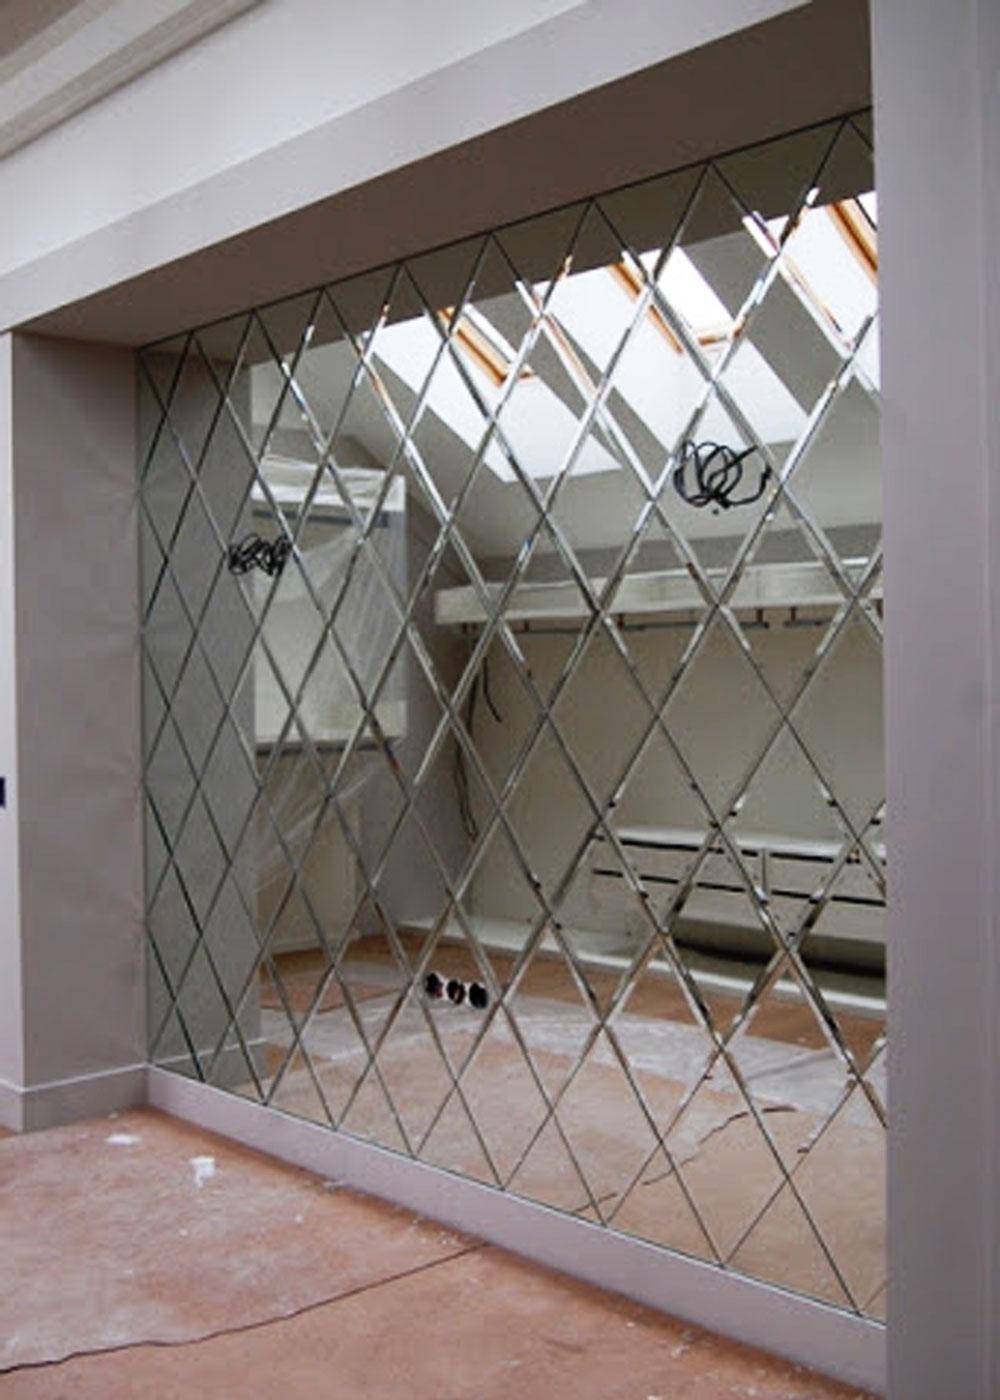 Купить зеркало в Алматы, изготовление зеркал на заказ (1)